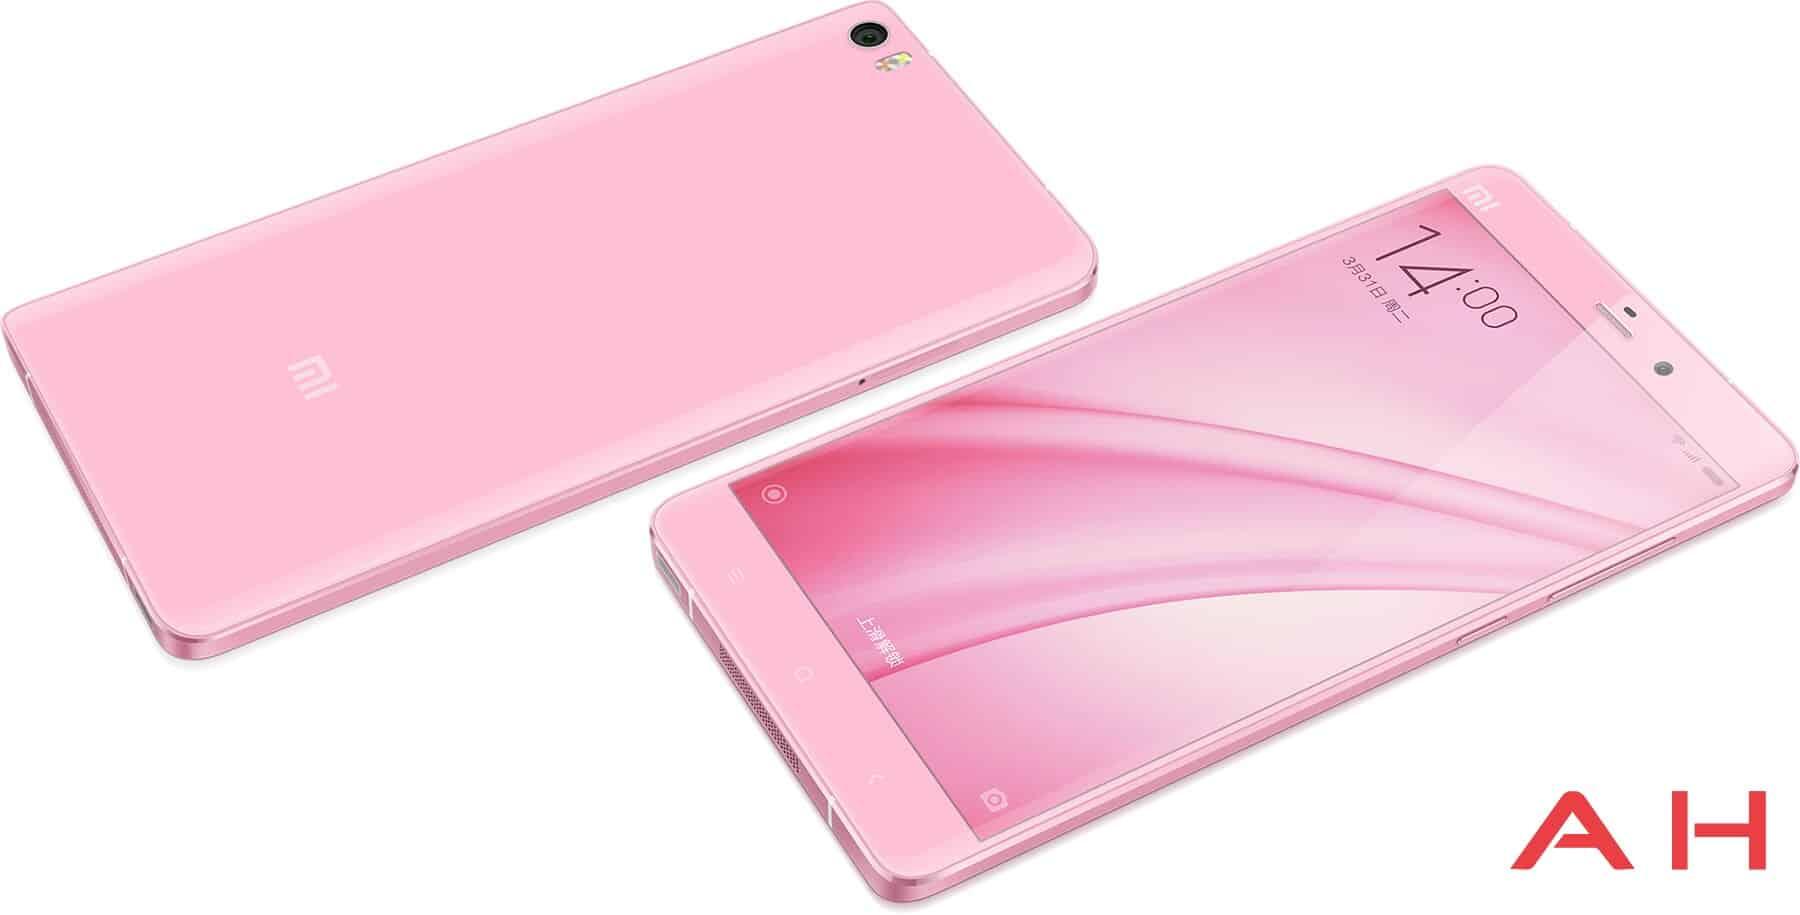 AH Mi Note Pink Edition 05